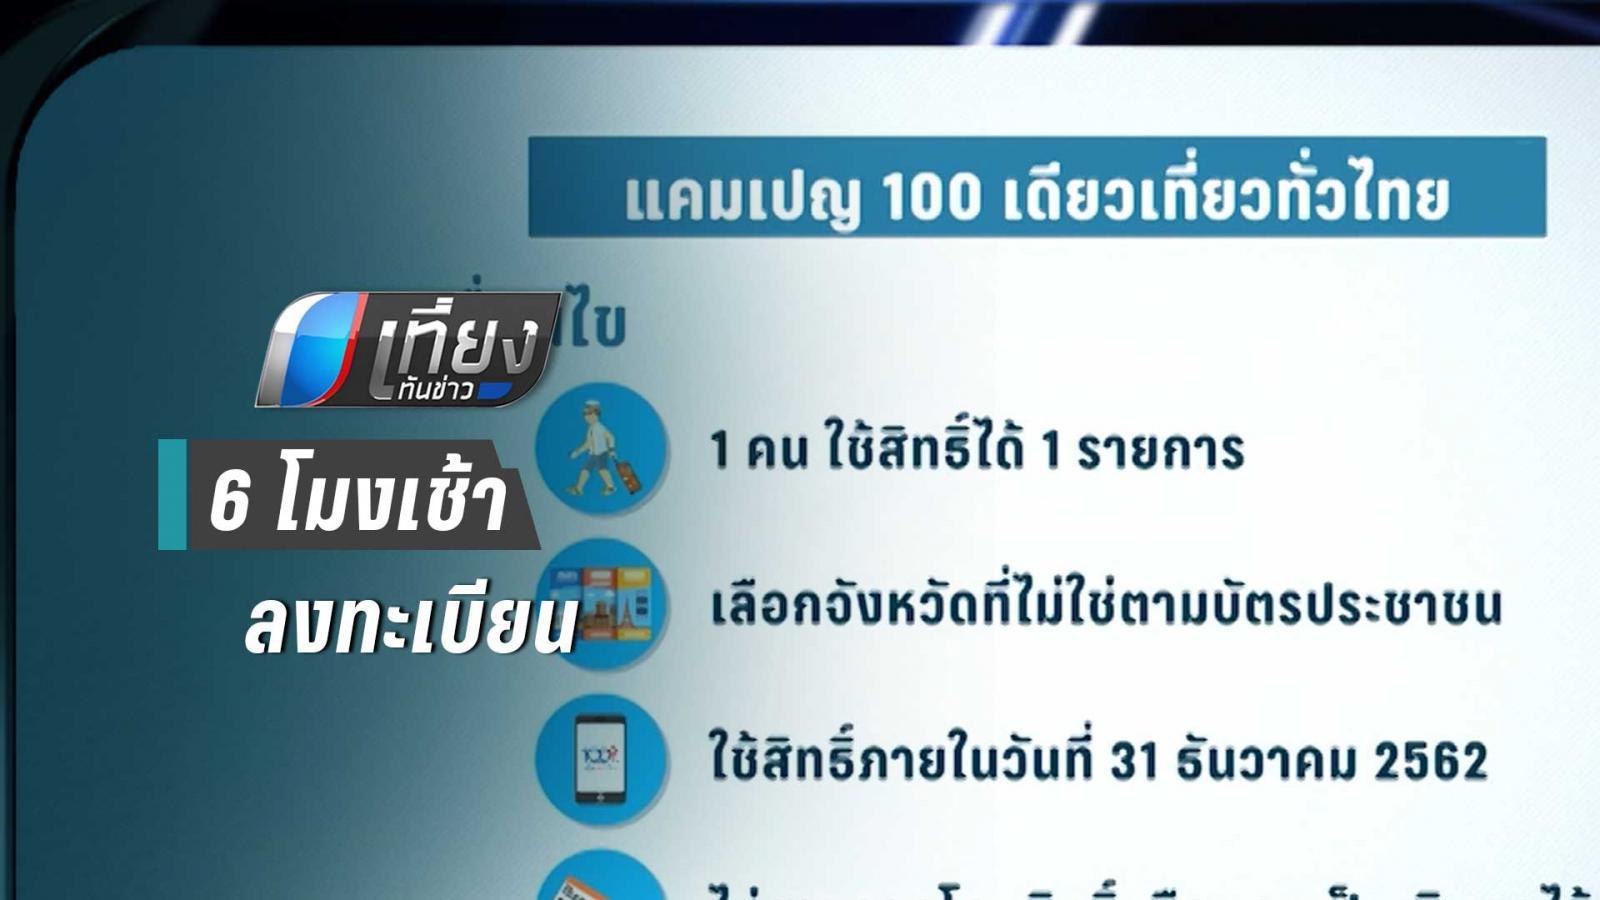 """เตรียมตัวให้พร้อม! 11 เดือน 11 นี้ 6 โมงเช้า ลงทะเบียน """"100 เดียวเที่ยวทั่วไทย"""""""